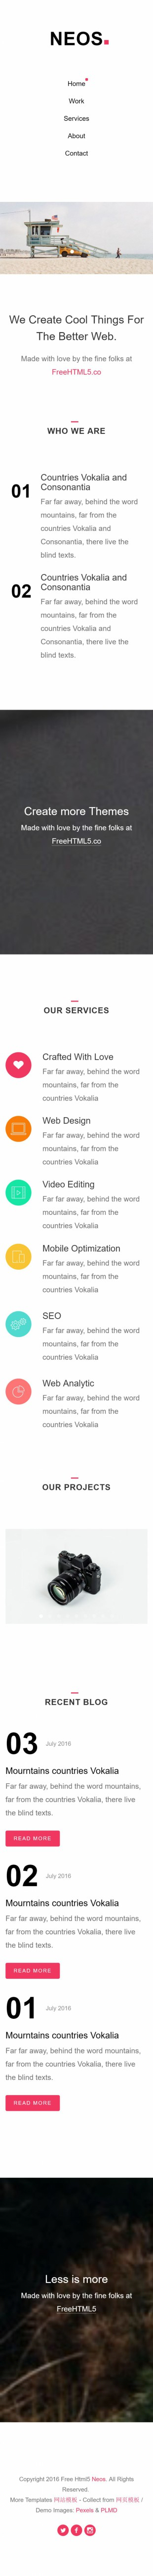 大图幻灯极简UI设计师官网英文响应式网站模板制作手机图片